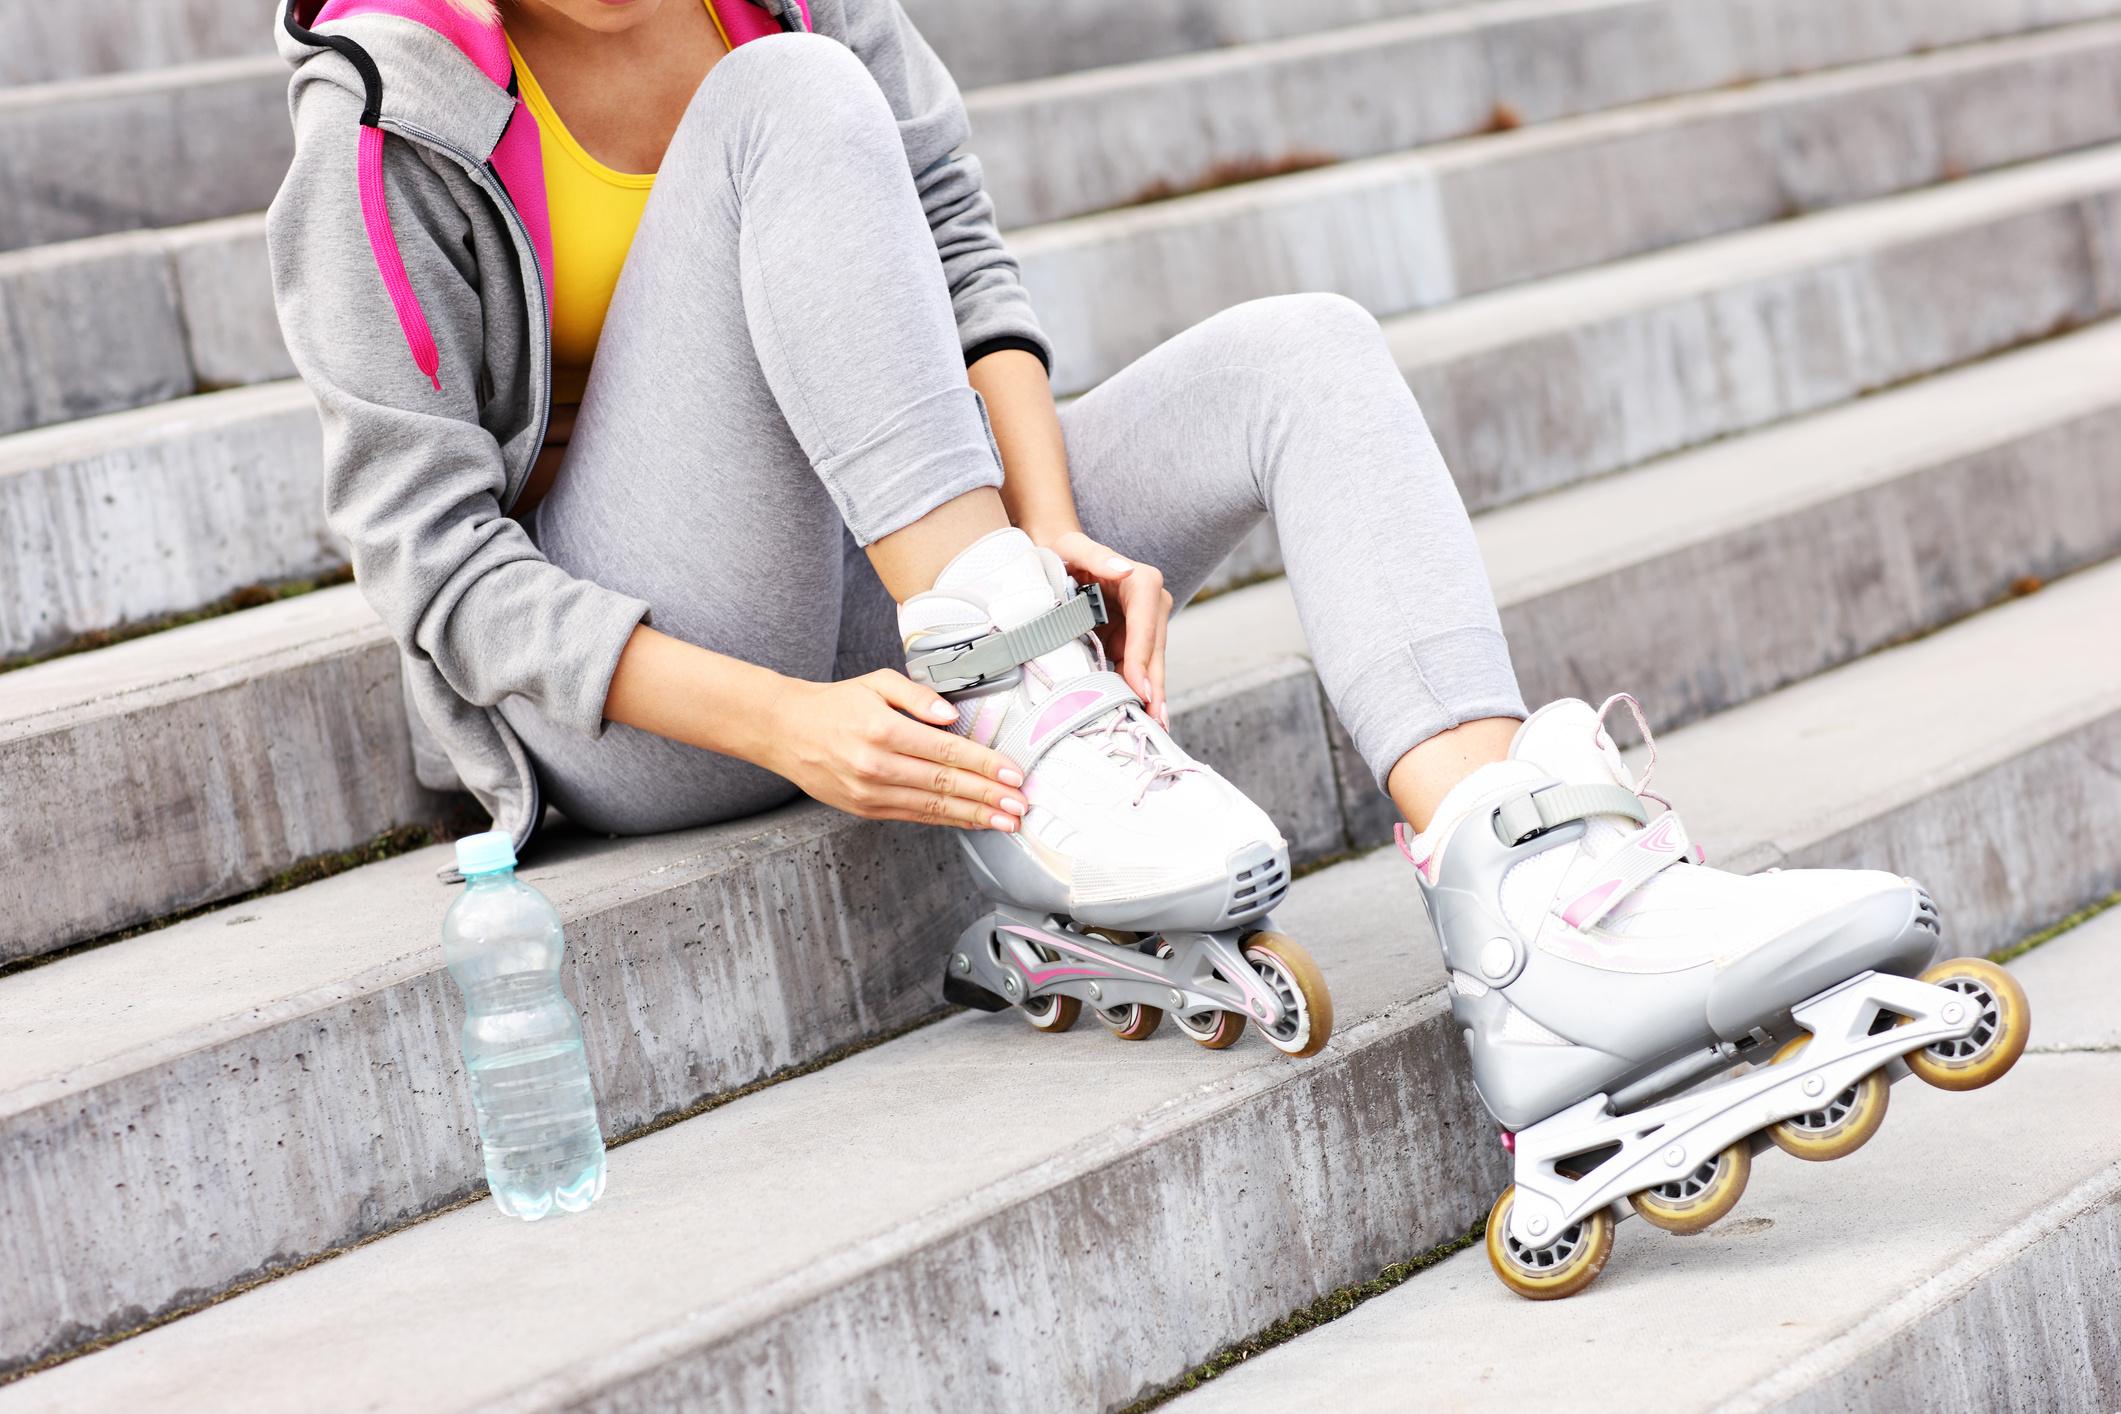 15 perc intenzív Tabata-edzés: gyorsabban olvasztja a zsírt, mint a futás